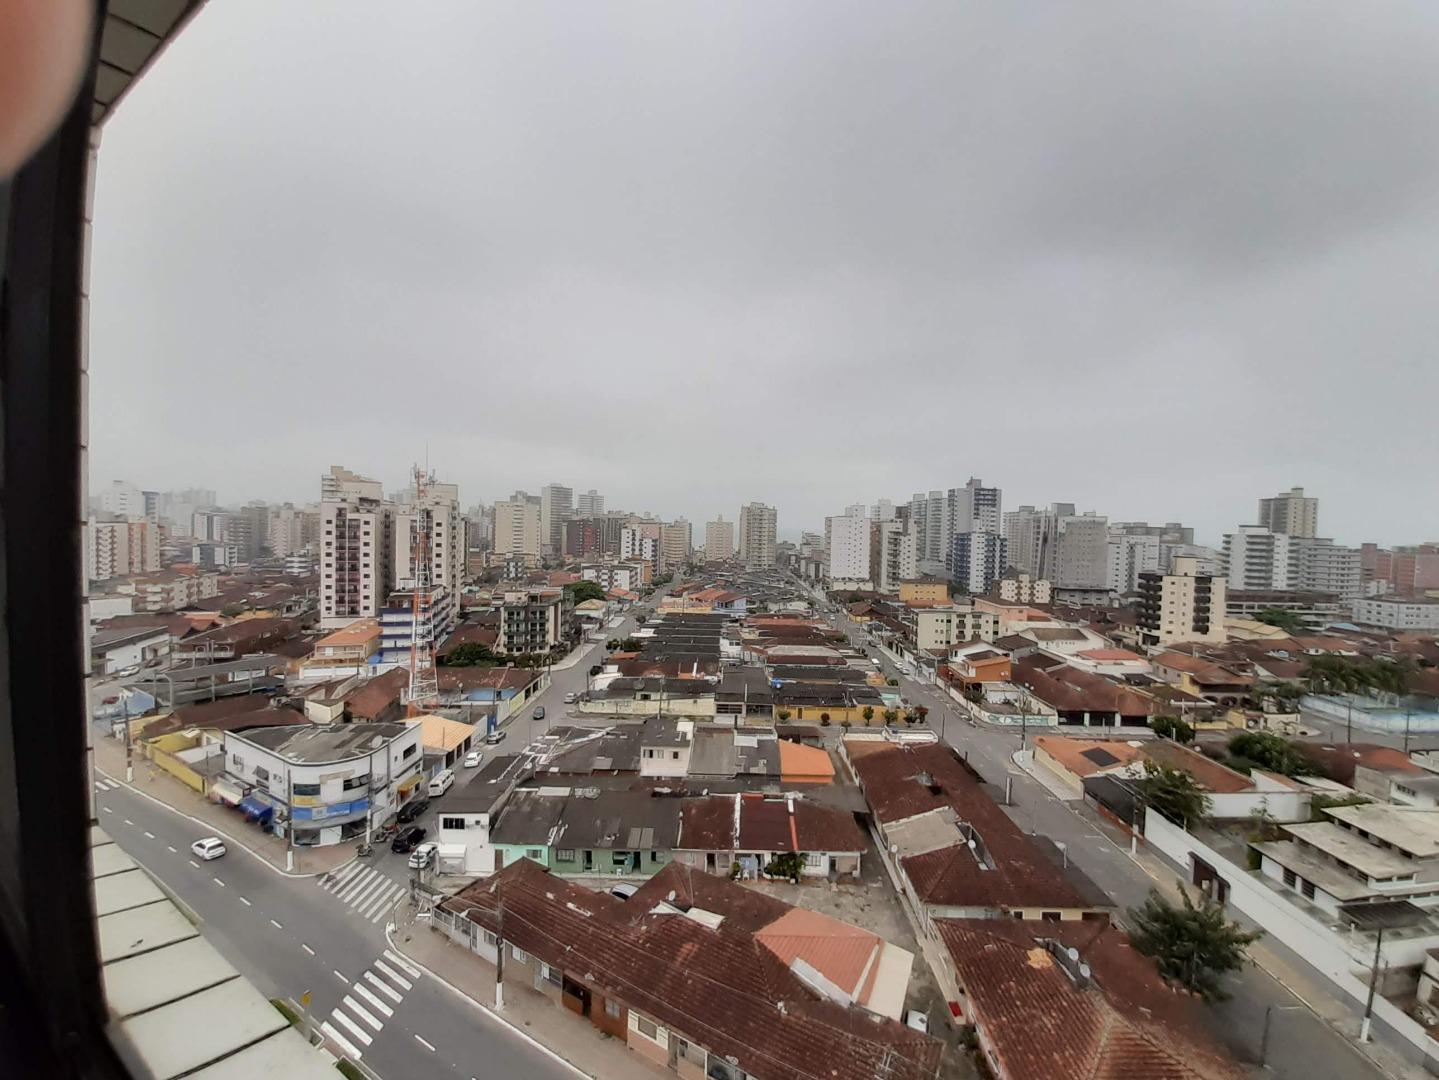 Kitnet com 1 dormitório para alugar, 40 m² por R$ 900,00/mês - Tupi - Praia Grande/SP